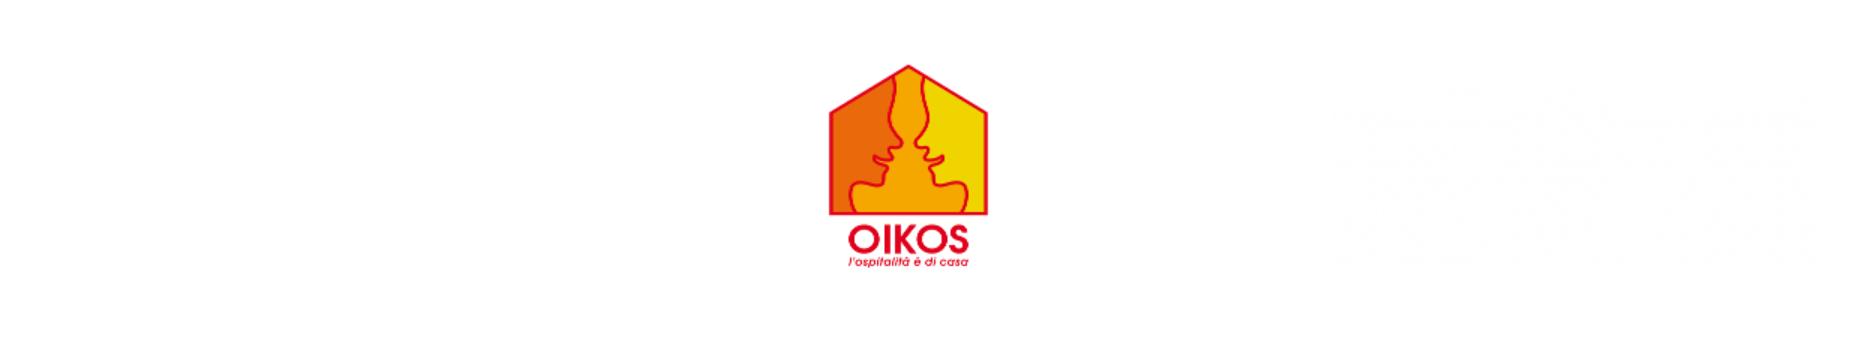 associazione Oikos Associazione di Volontariato ONLUS - logo